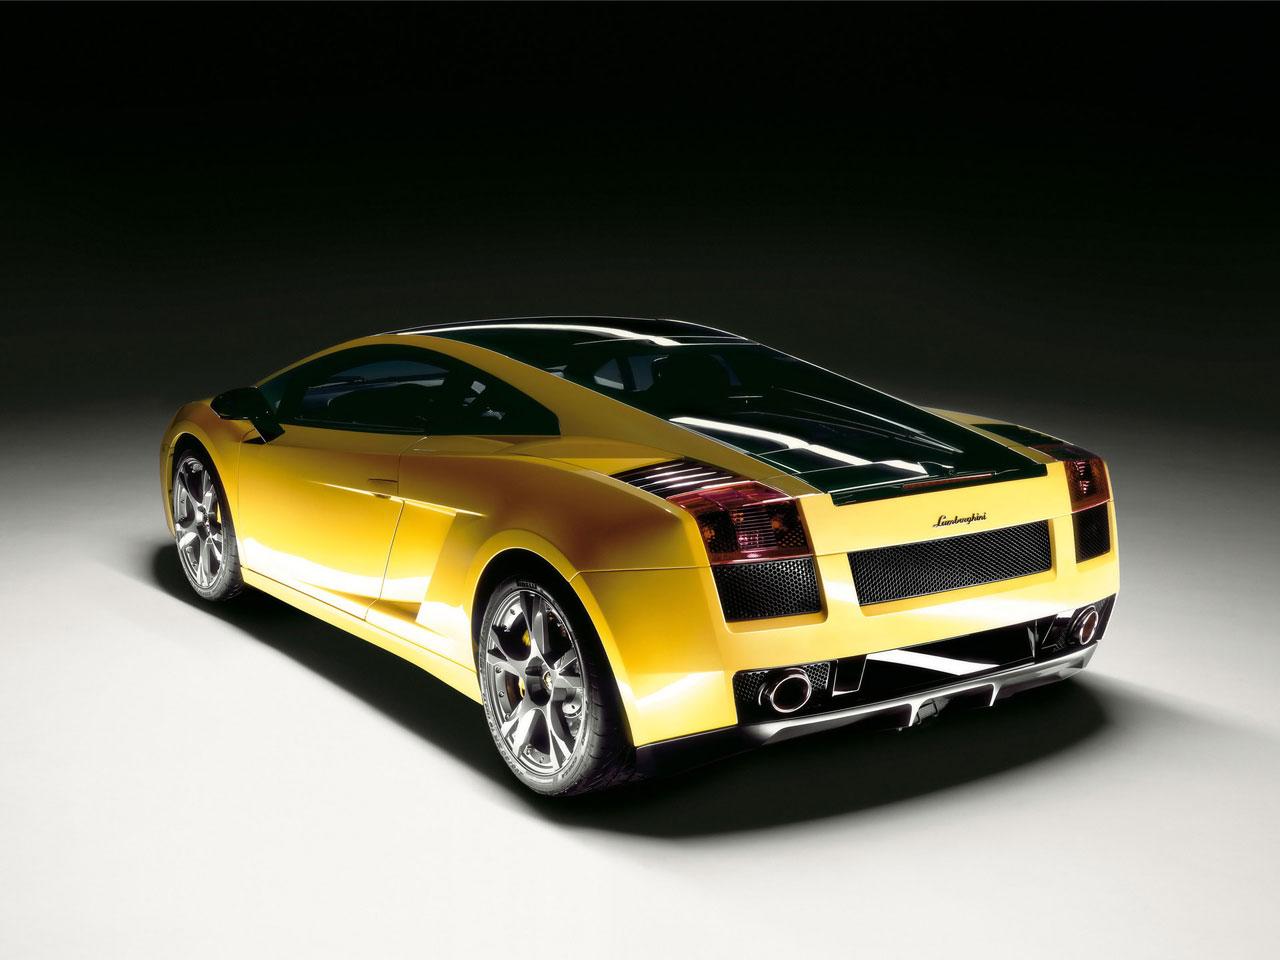 2006 Lamborghini Gallardo SE Picture